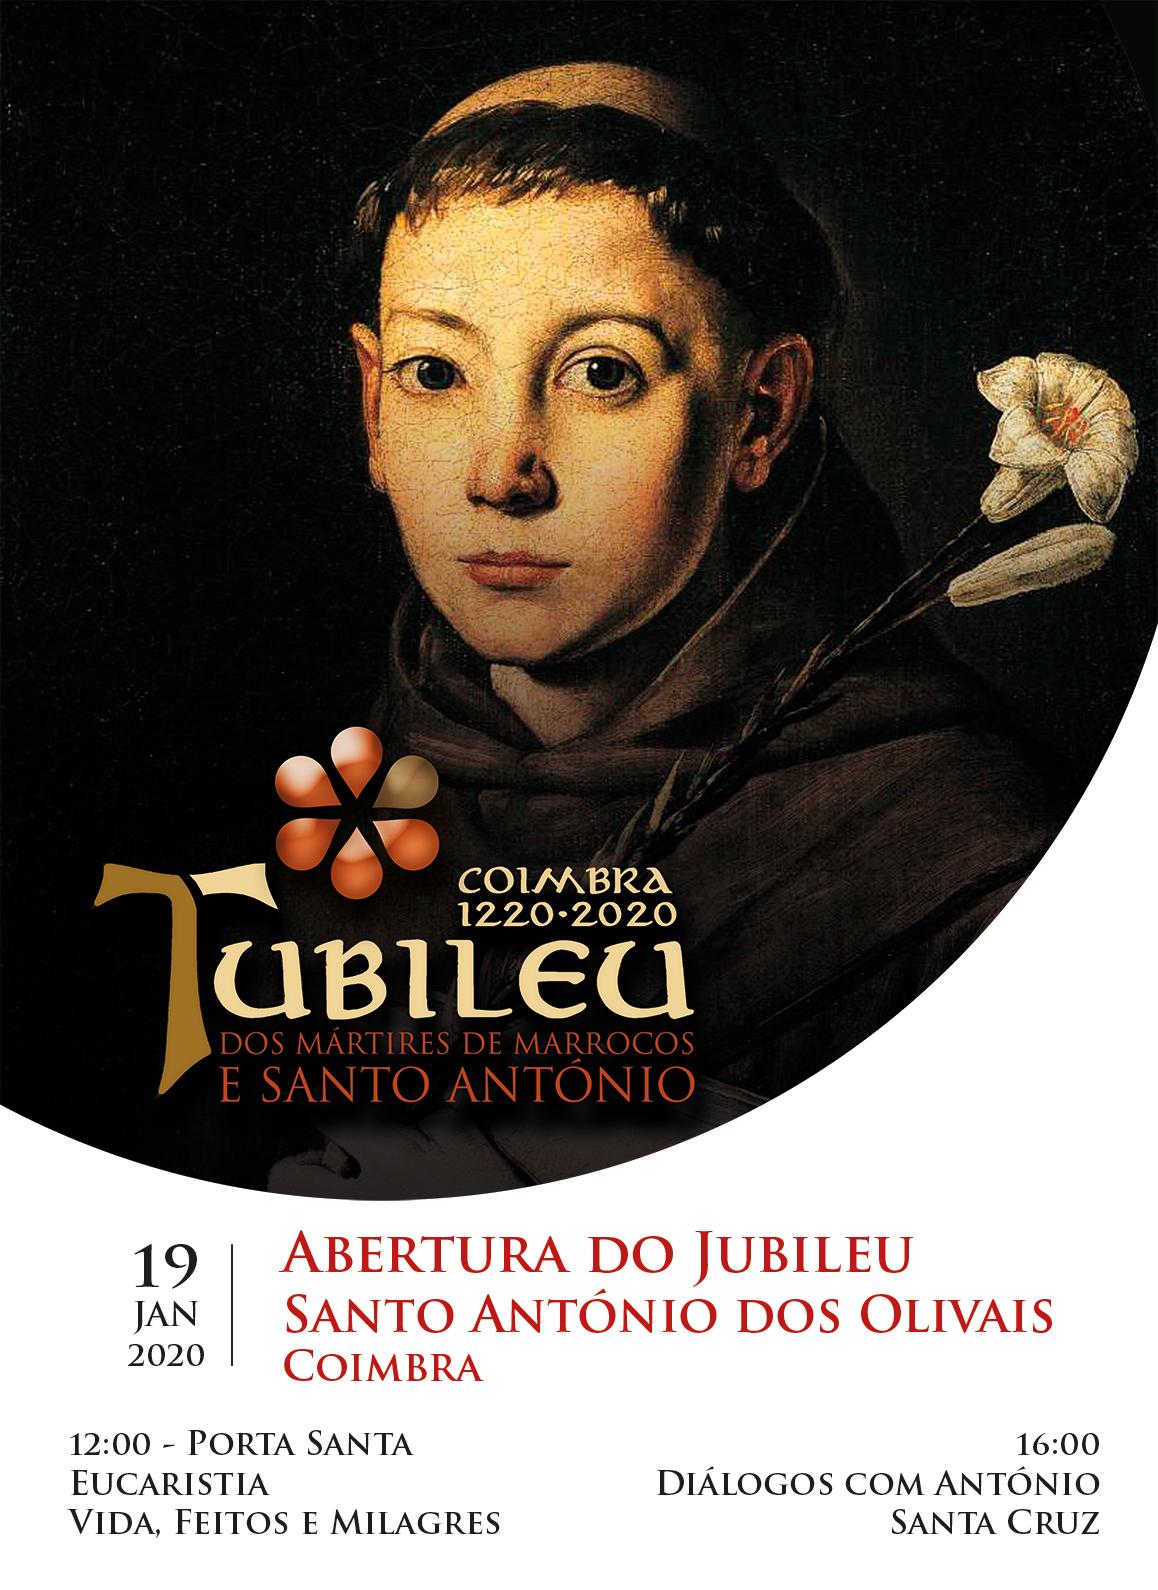 Abertura do Jubileu Santo António dos Olivais Coimbra